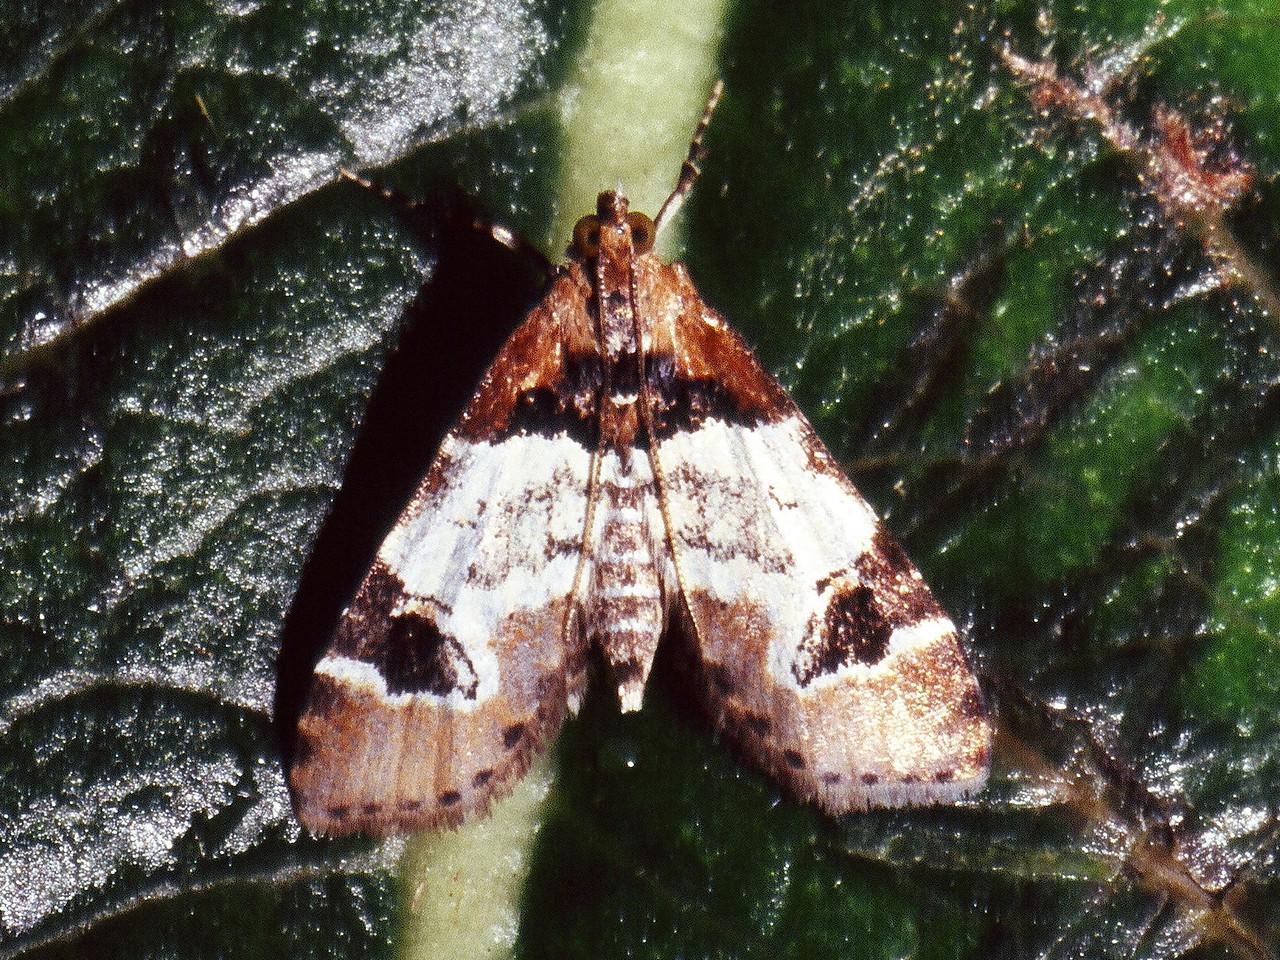 Udea sp. (Crambidae) on Stenogyne kameamehae, West Maui